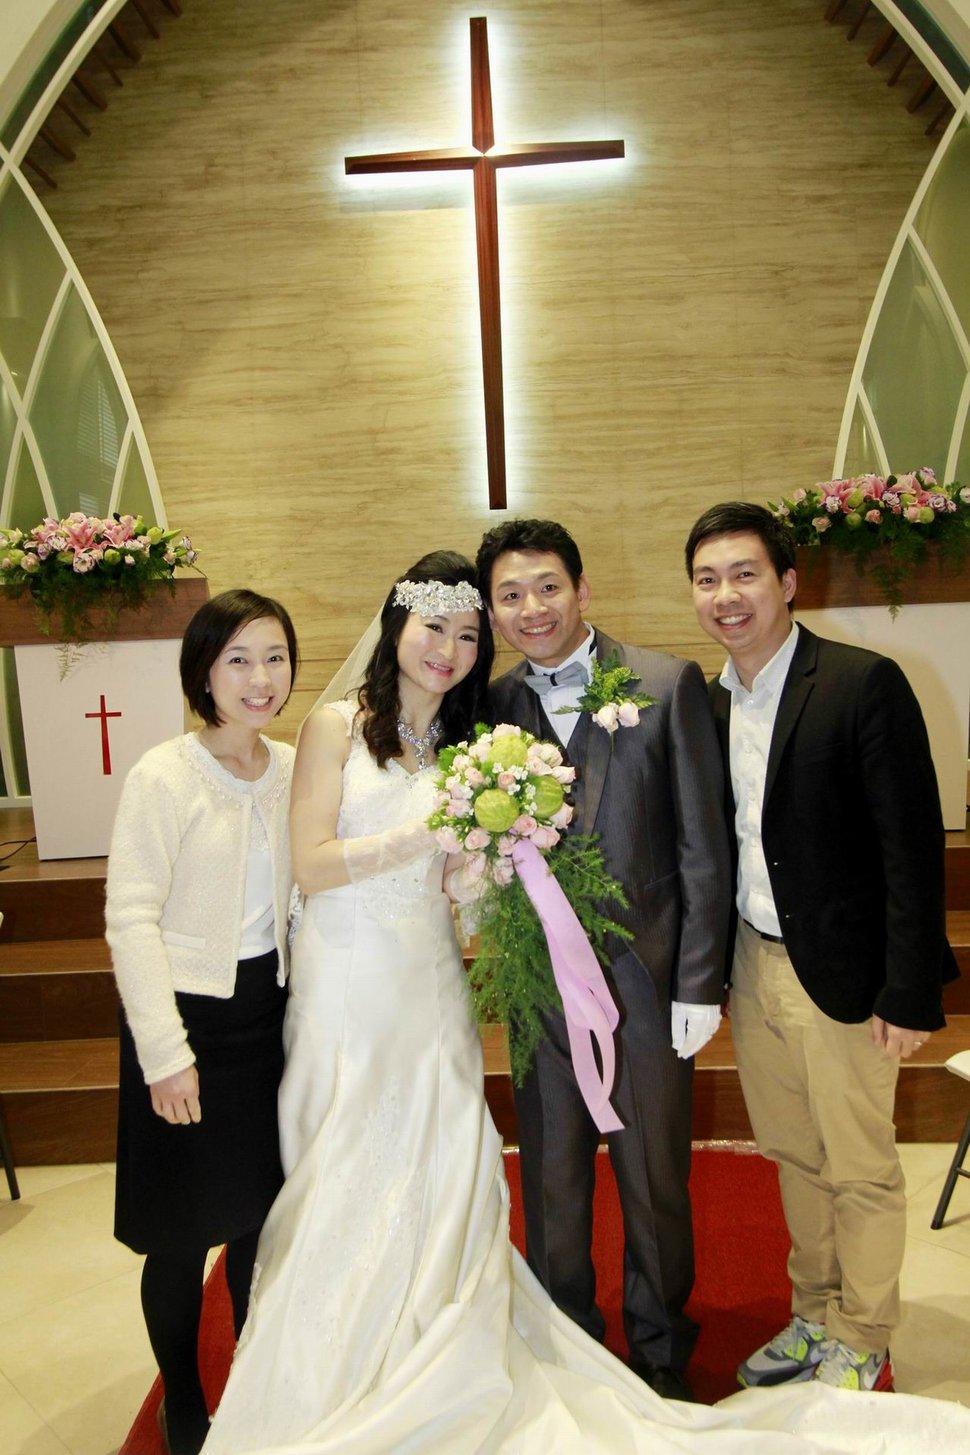 汐止那米哥餐廳婚宴會館餐廳婚攝j婚錄結婚迎娶婚禮記錄動態微電影錄影專業錄影平面攝影婚禮紀錄婚攝婚錄主持人(編號:280693) - 蜜月拍照10800錄影12800攝影團隊 - 結婚吧